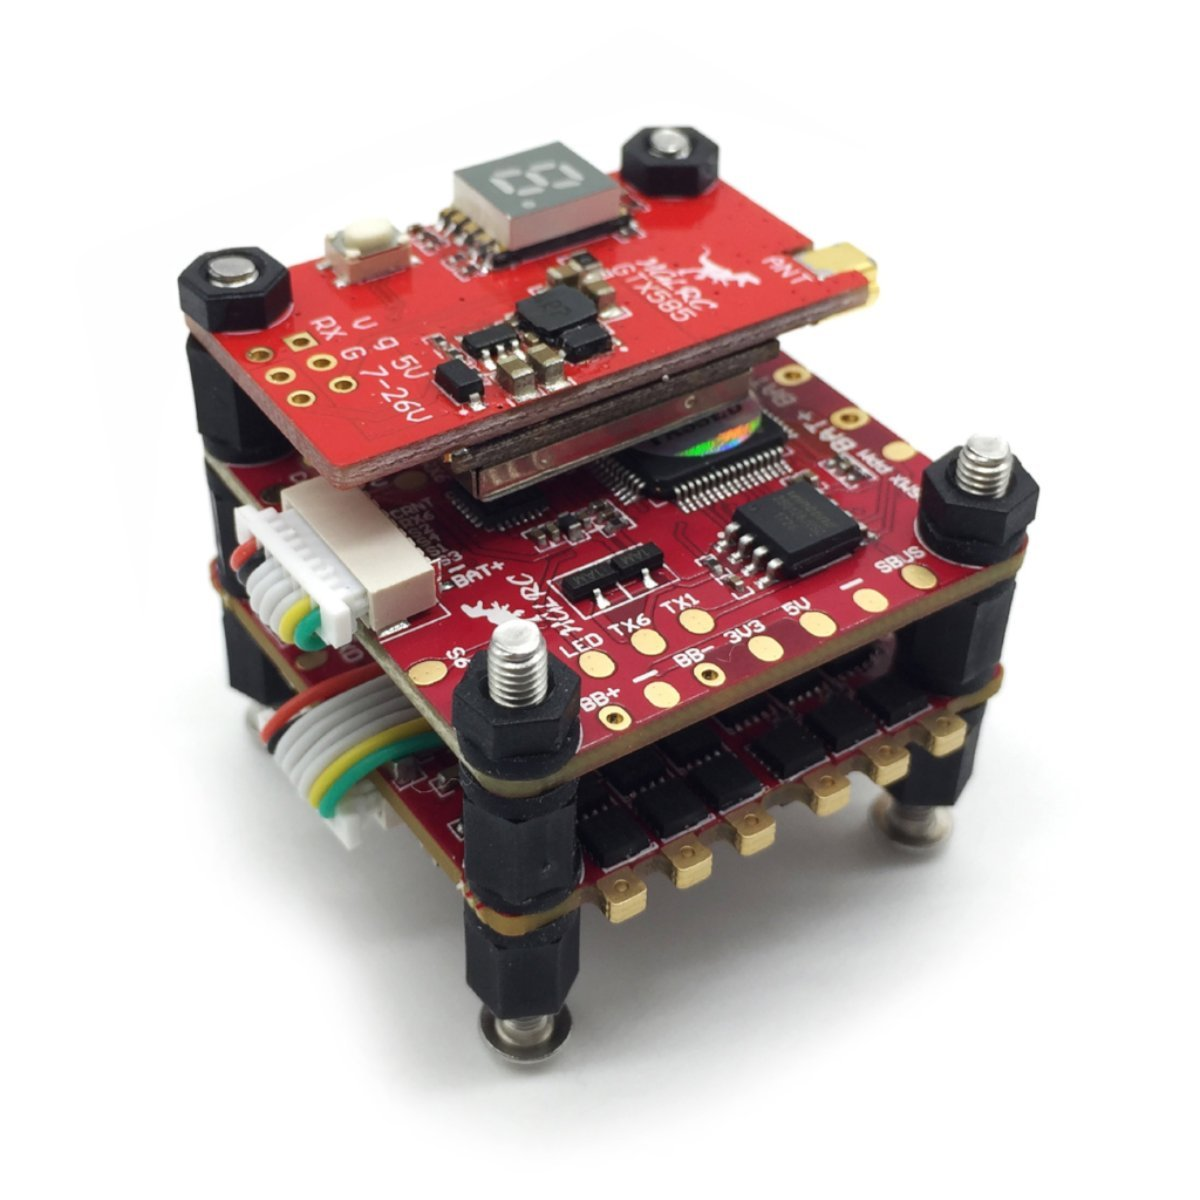 HGLRC Titan Plus F460-GTX585 Pile AIRBUS F4OSD contrôleur de vol Dinoshot 60A Blheli_32 3-6 S ESC GTX585 VTX émetteur audiovisuel